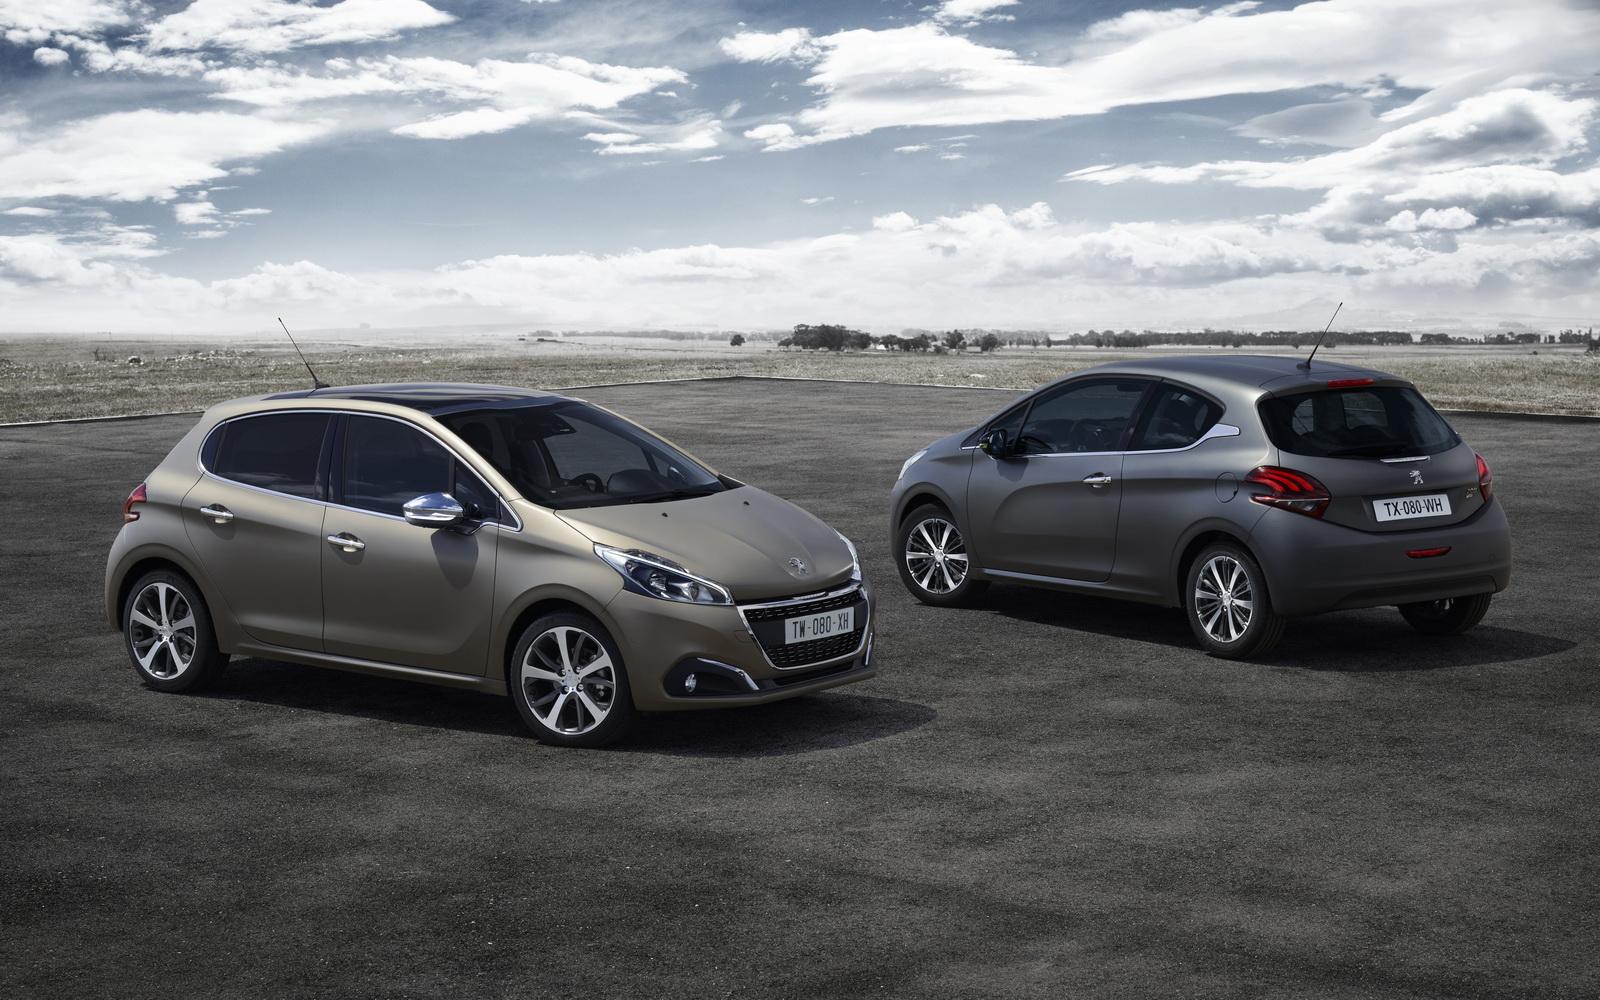 PSA lanzará versiones eléctricas del Peugeot 208, 2008 y DS 3 Crossback